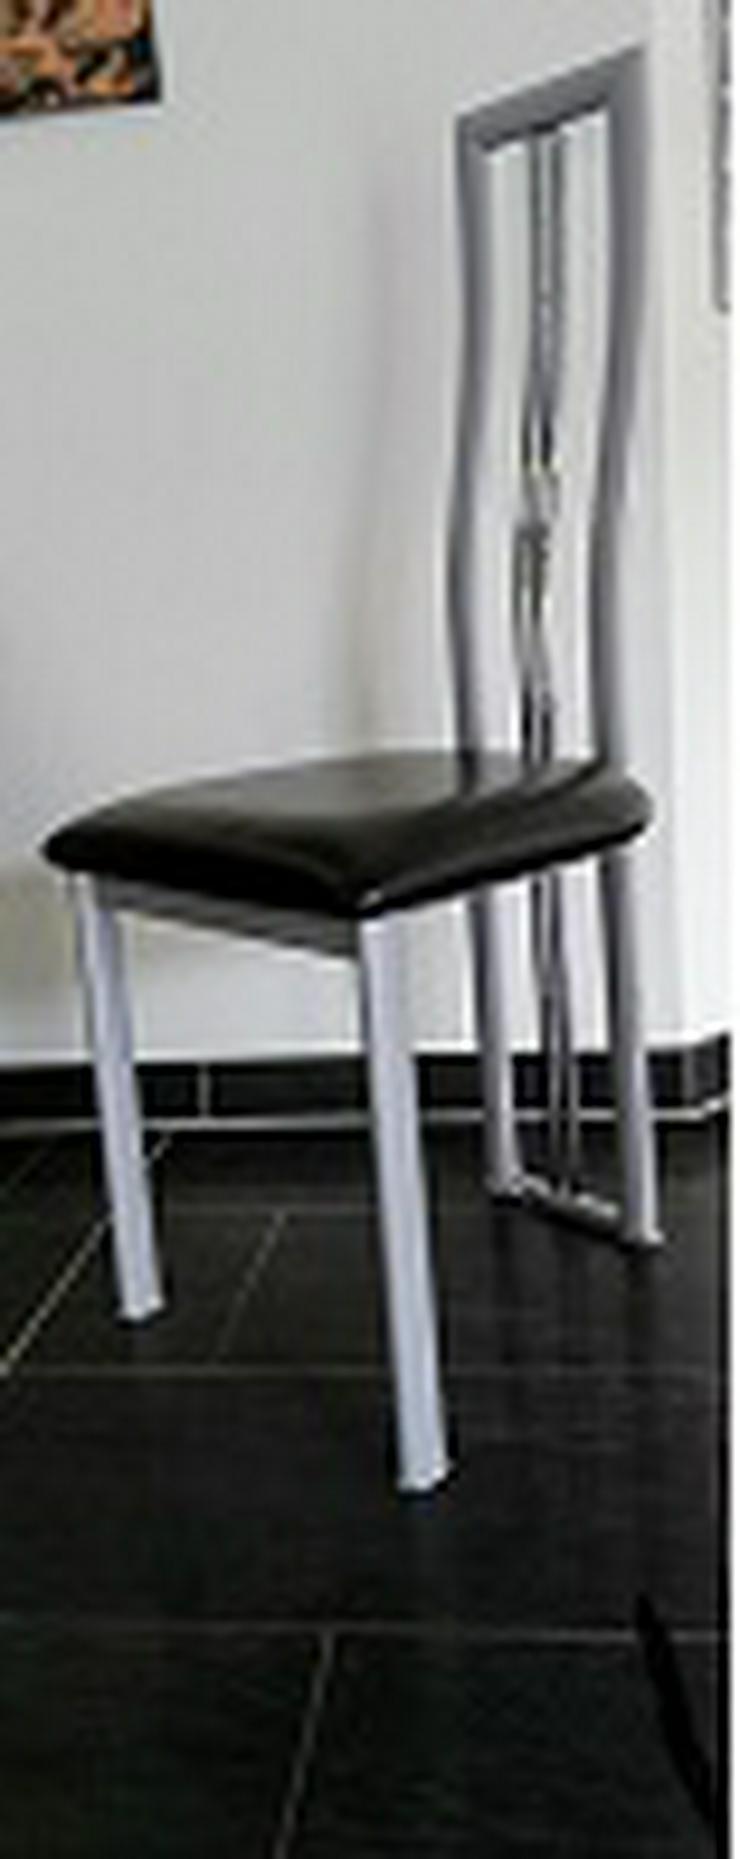 6 Stck. Esszimmer Stühle aus Metall / Silber Gestell